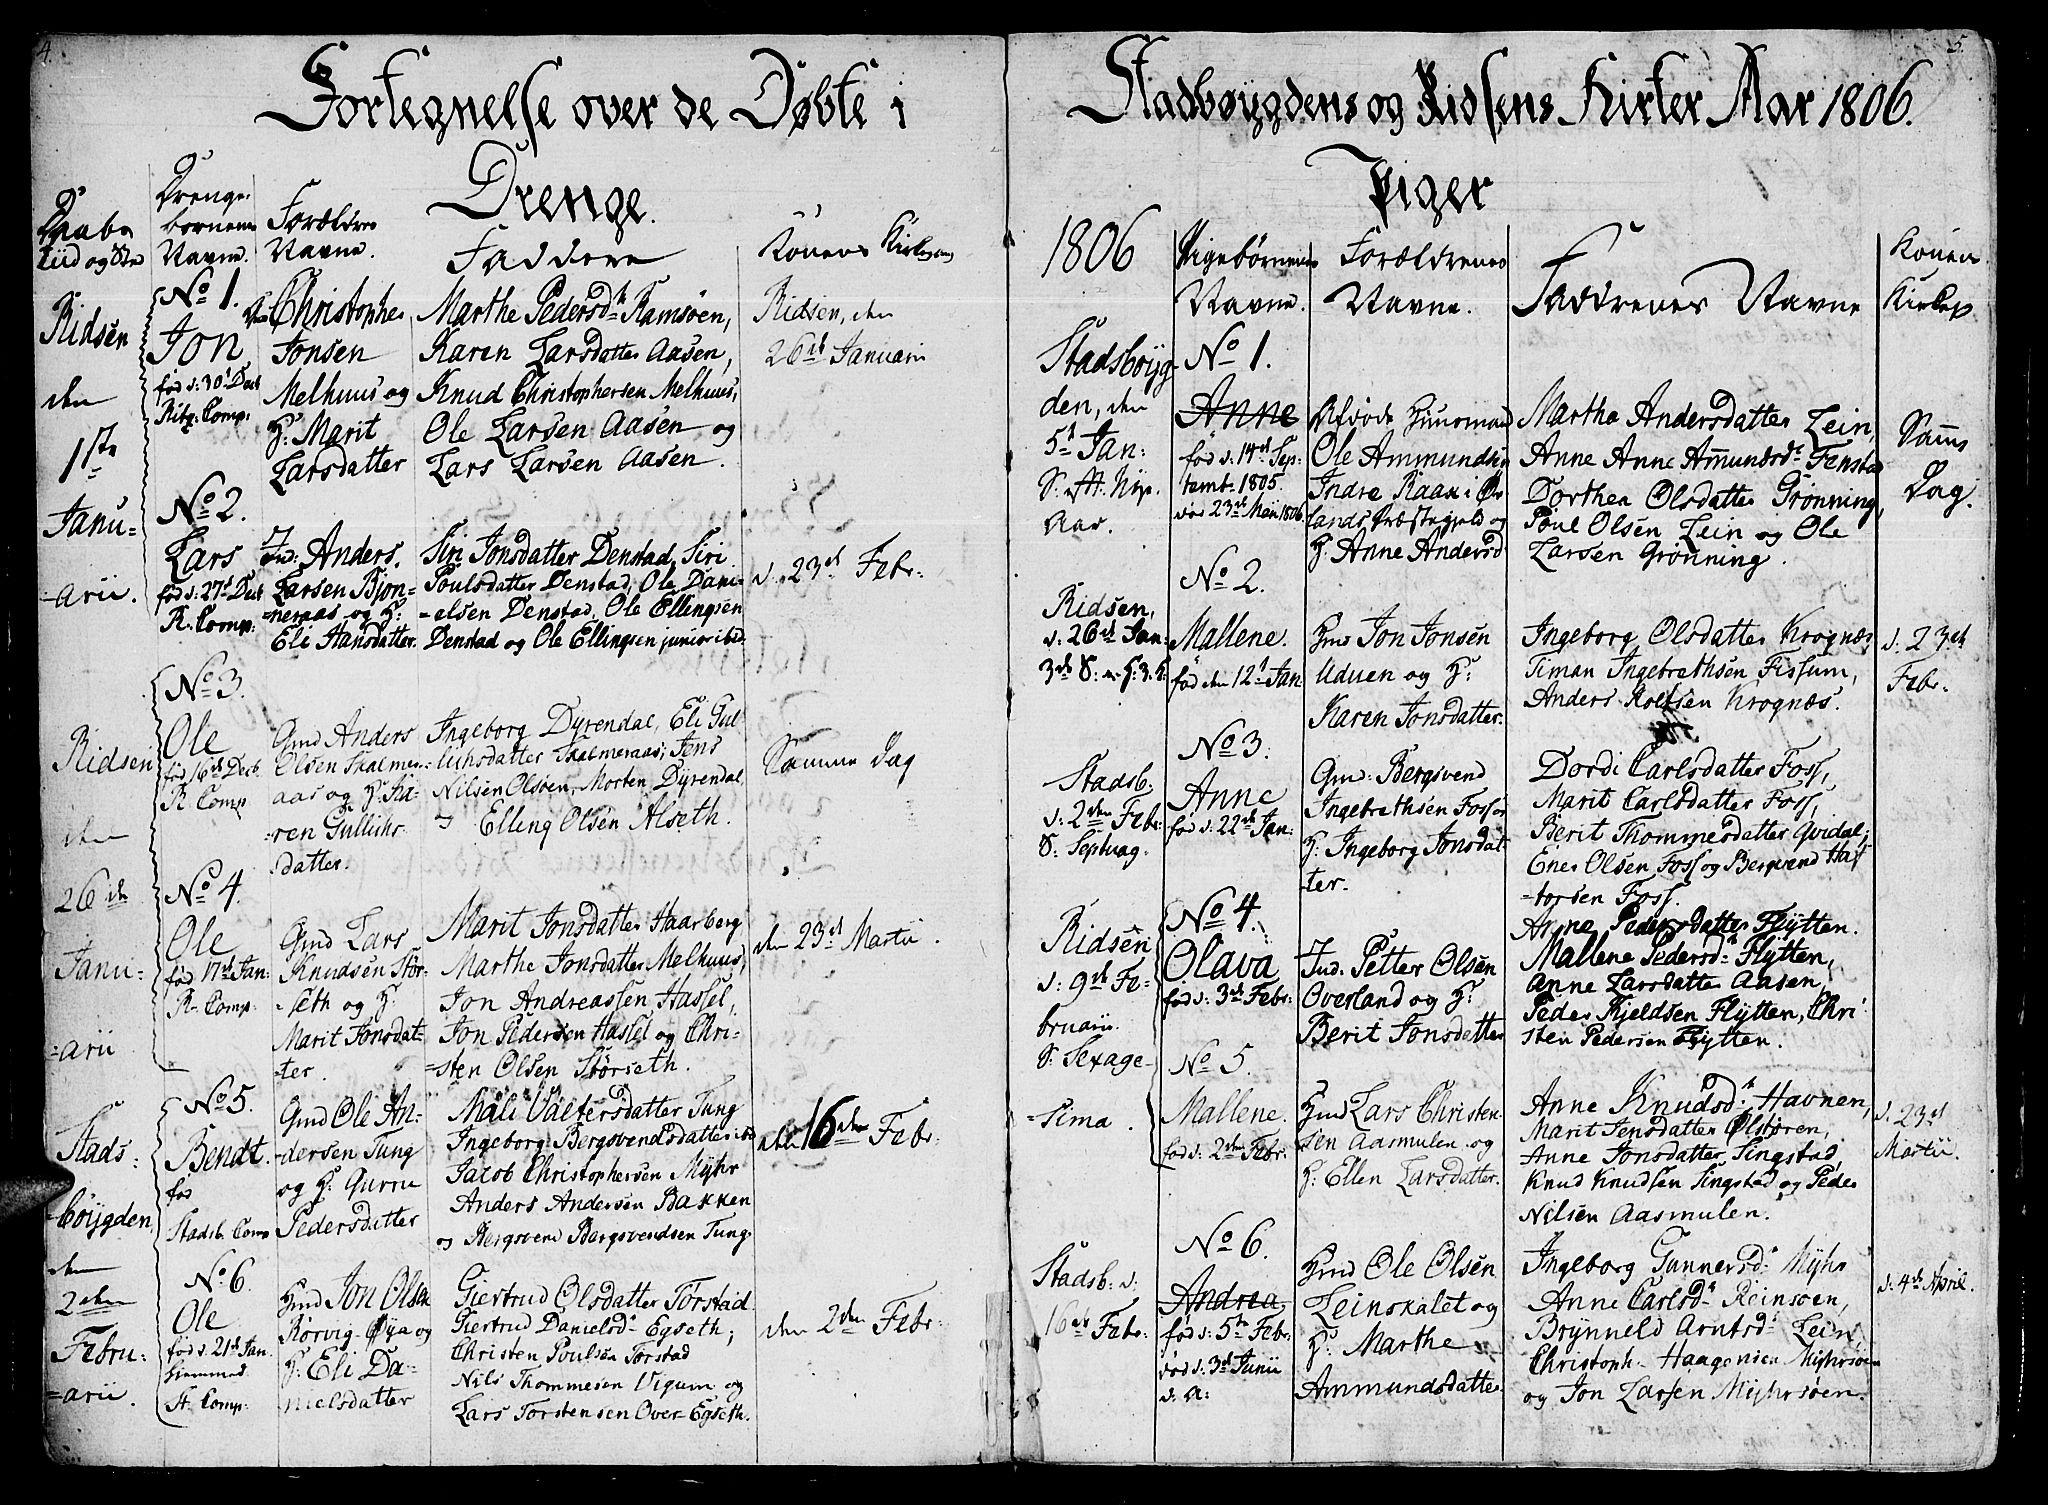 SAT, Ministerialprotokoller, klokkerbøker og fødselsregistre - Sør-Trøndelag, 646/L0607: Ministerialbok nr. 646A05, 1806-1815, s. 4-5